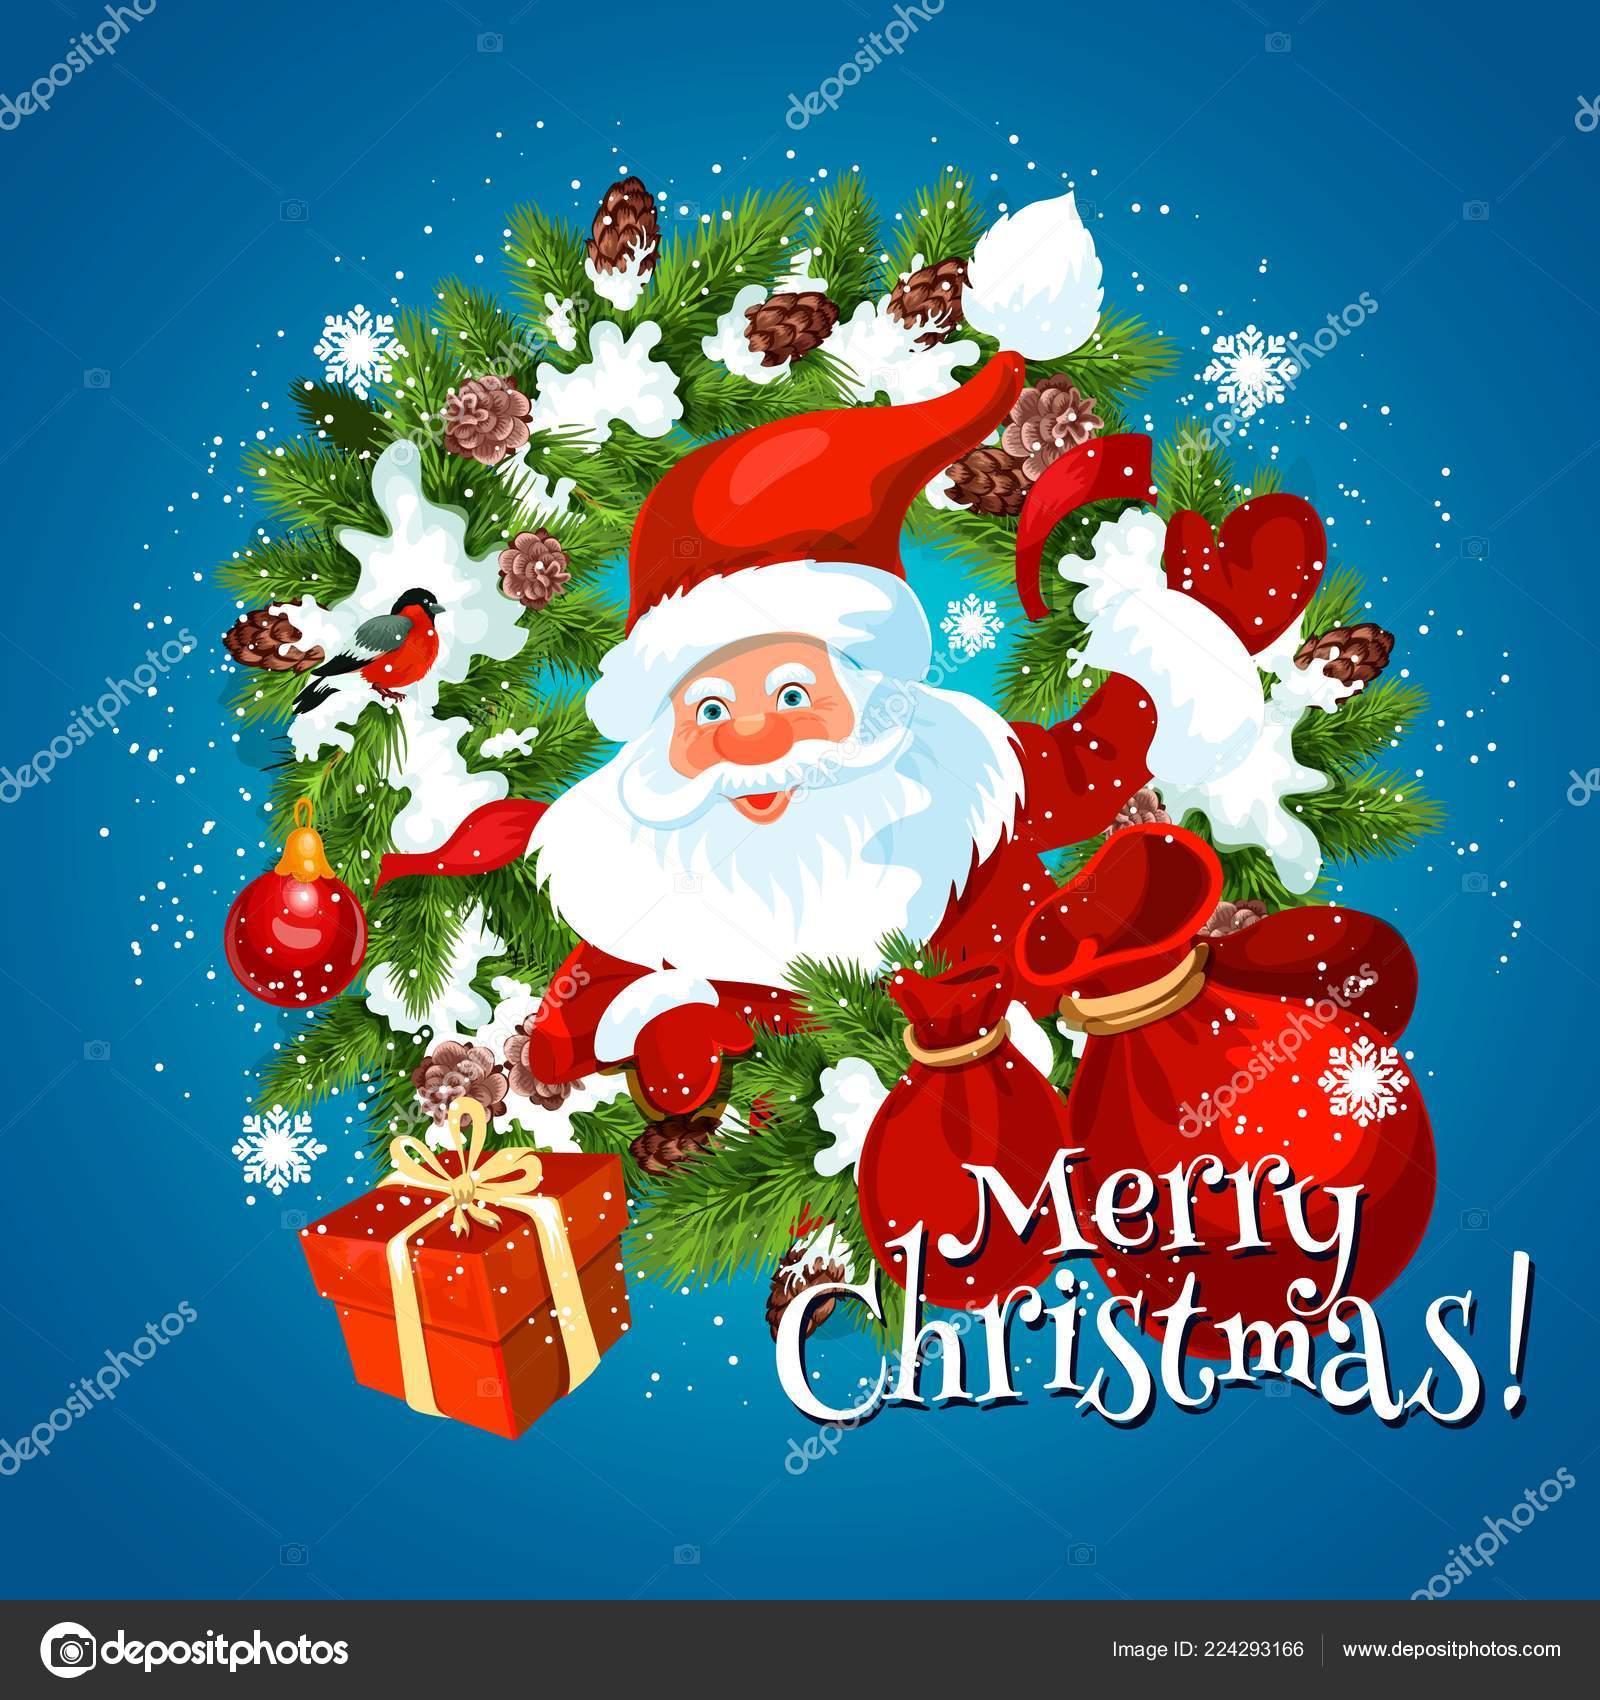 Immagini Di Natale Con Babbo Natale.Natale Auguri Di Natale Con Babbo Natale Vettoriali Stock